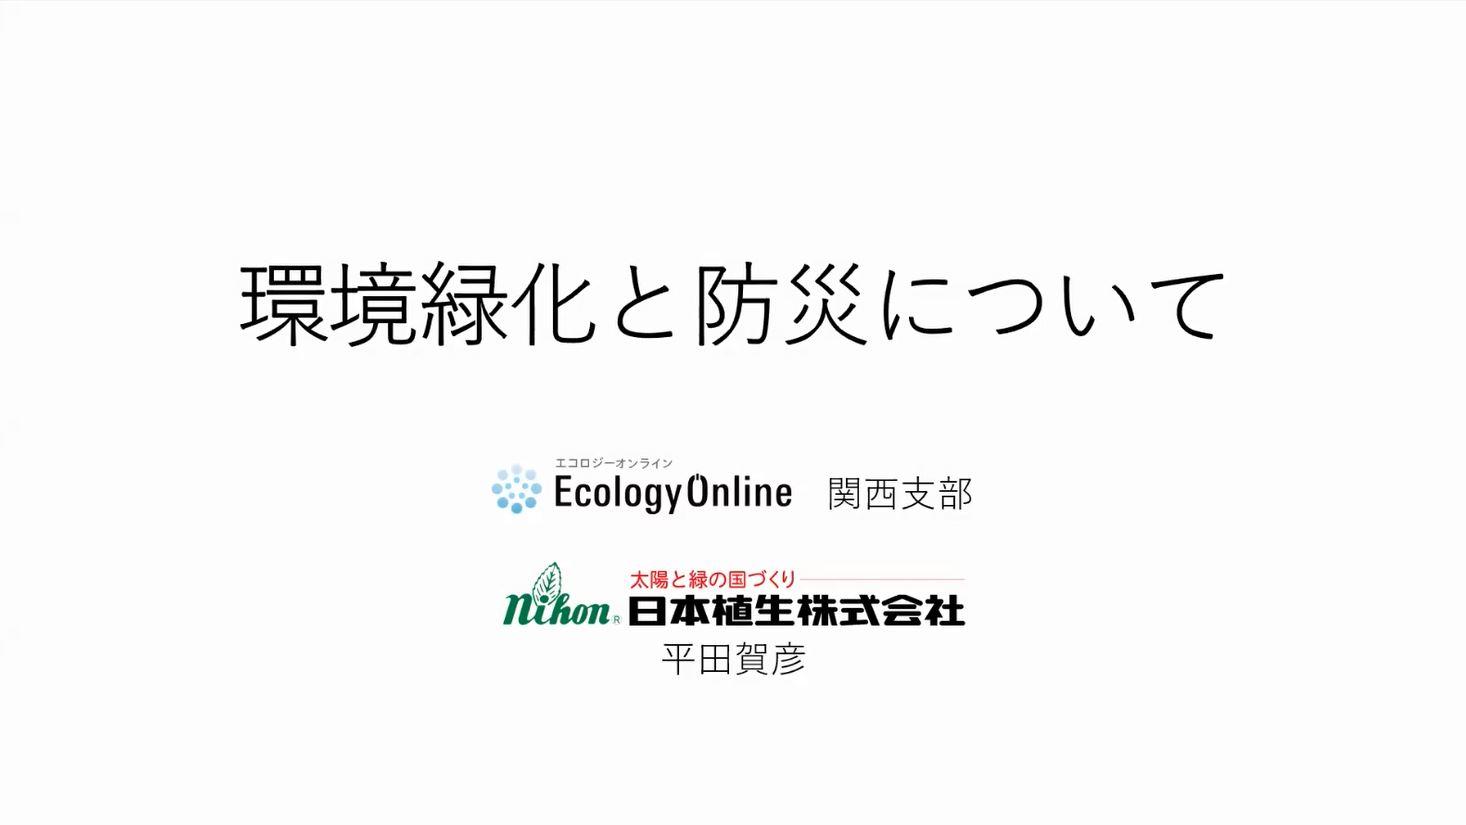 【エコロジーオンラインSDGsセミナー】緊急開催!環境保全と災害について